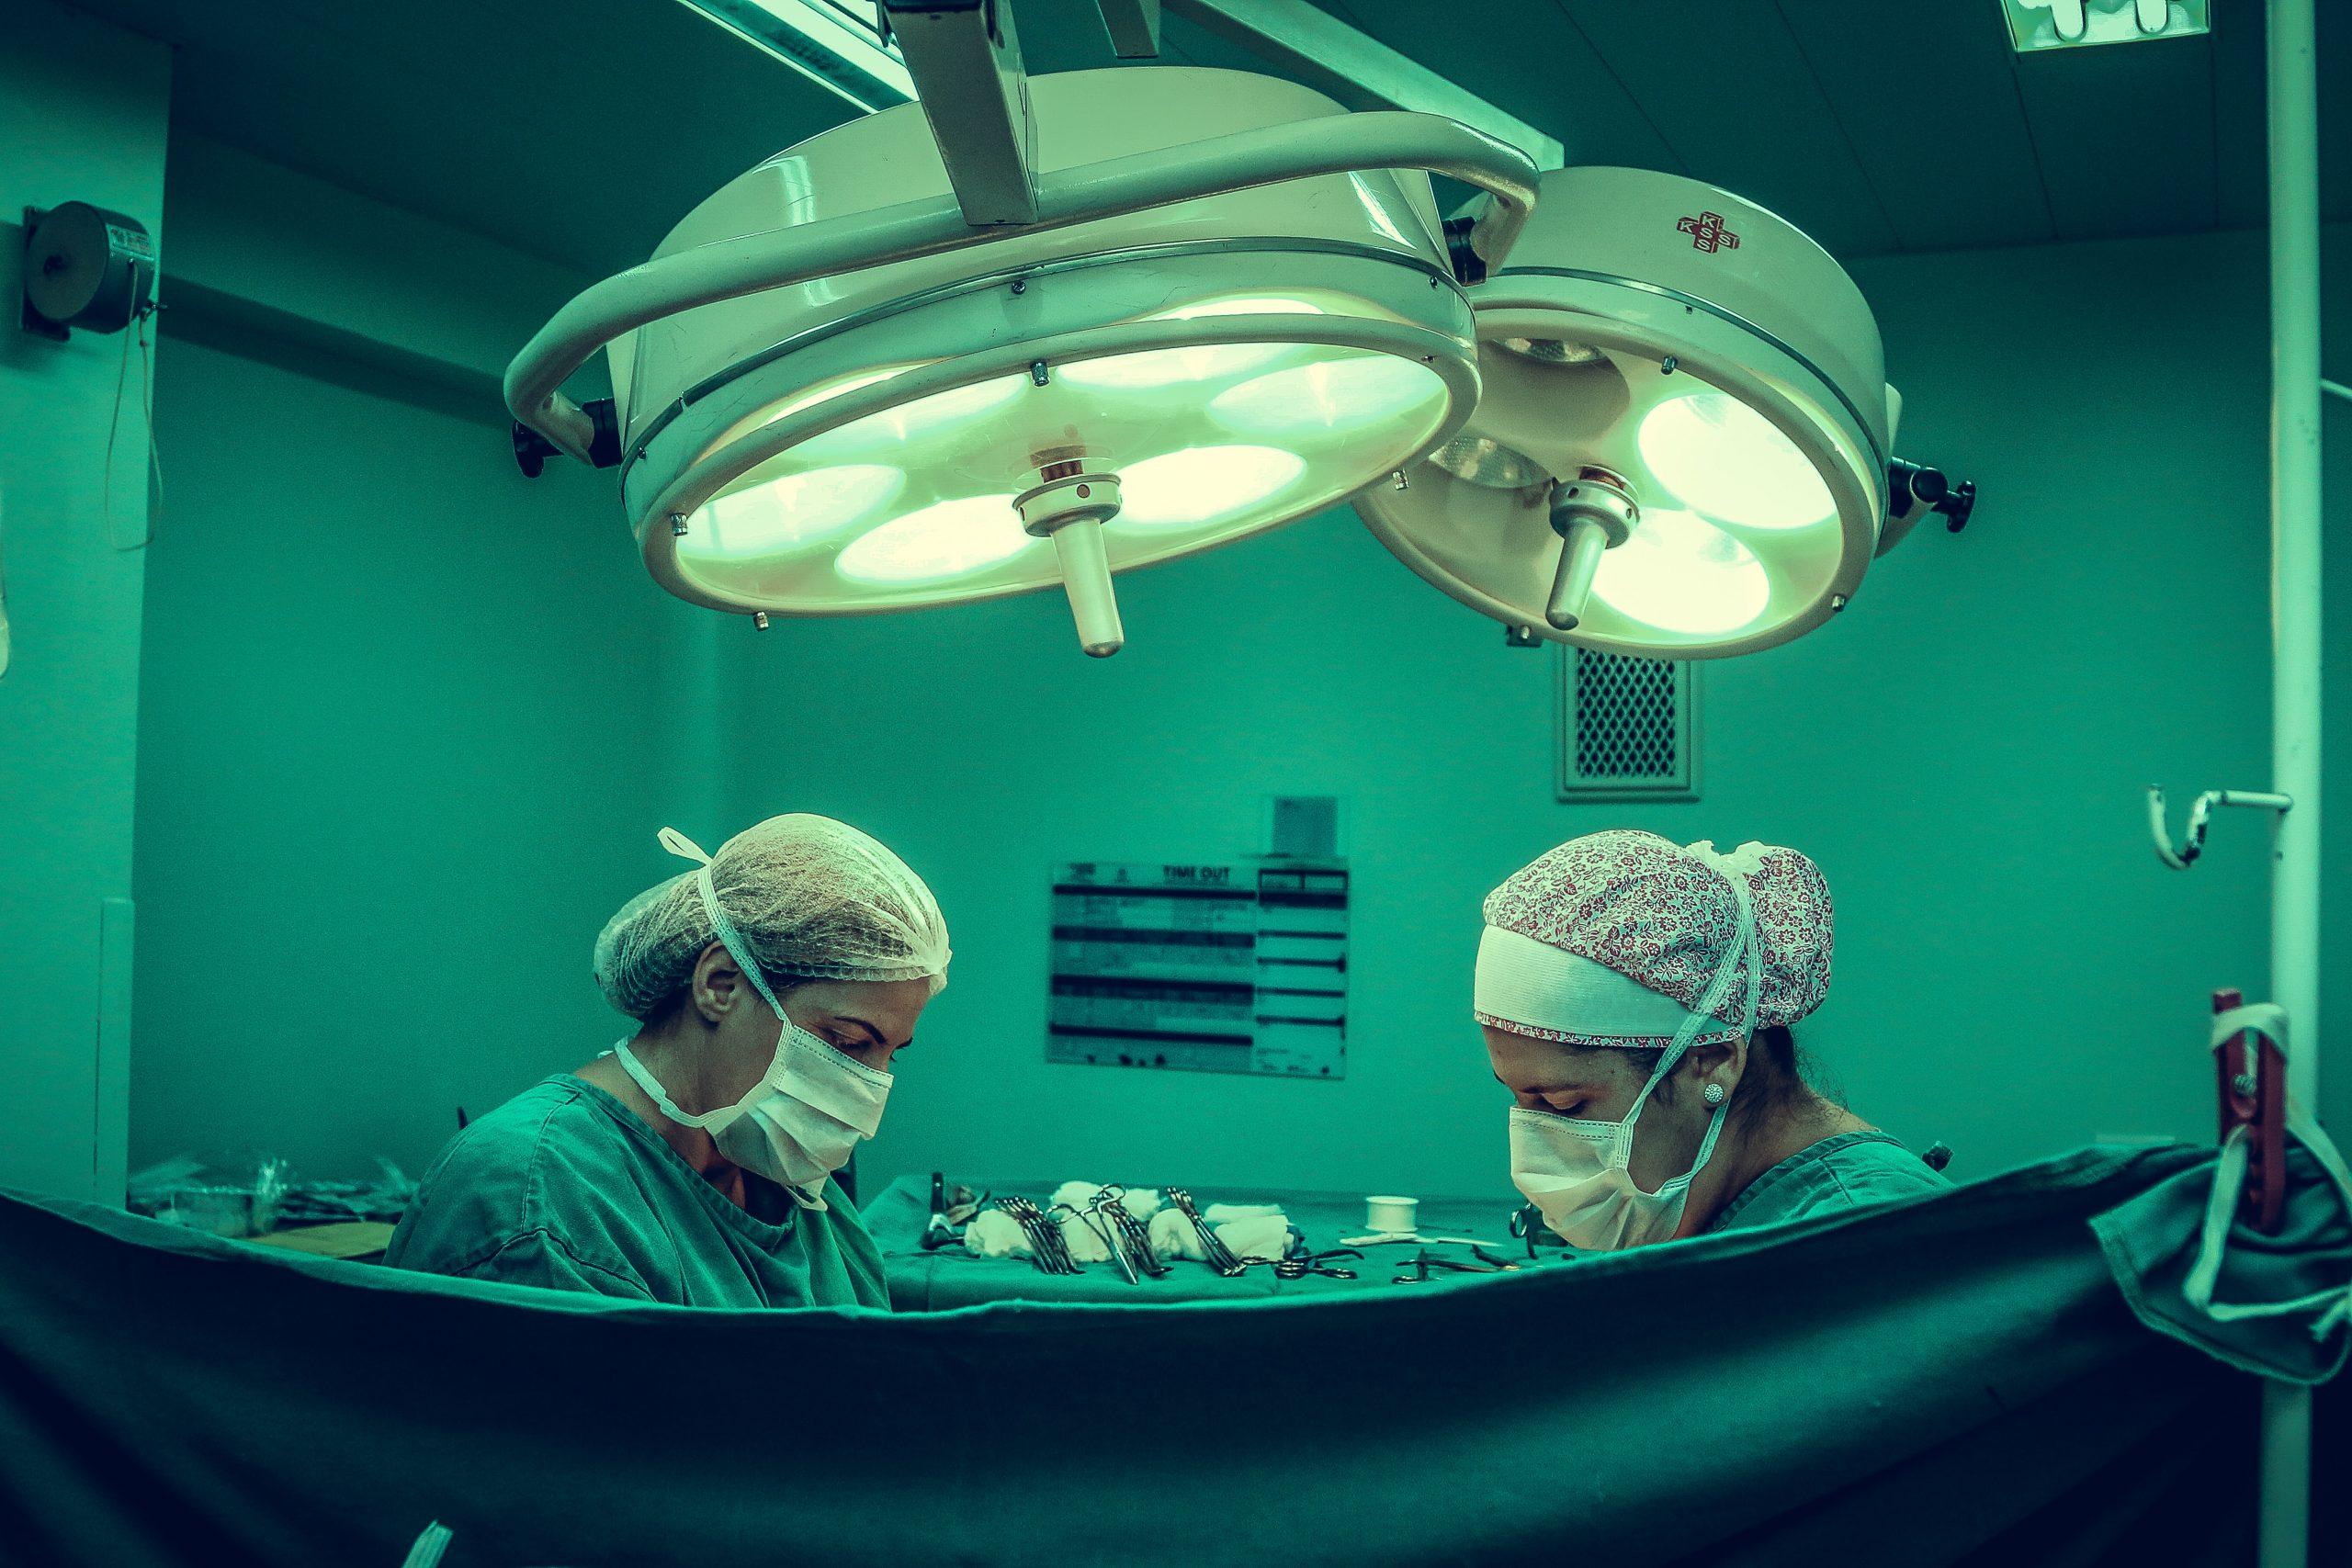 danni durante l' operazione chirurgica risarcimento malasanità